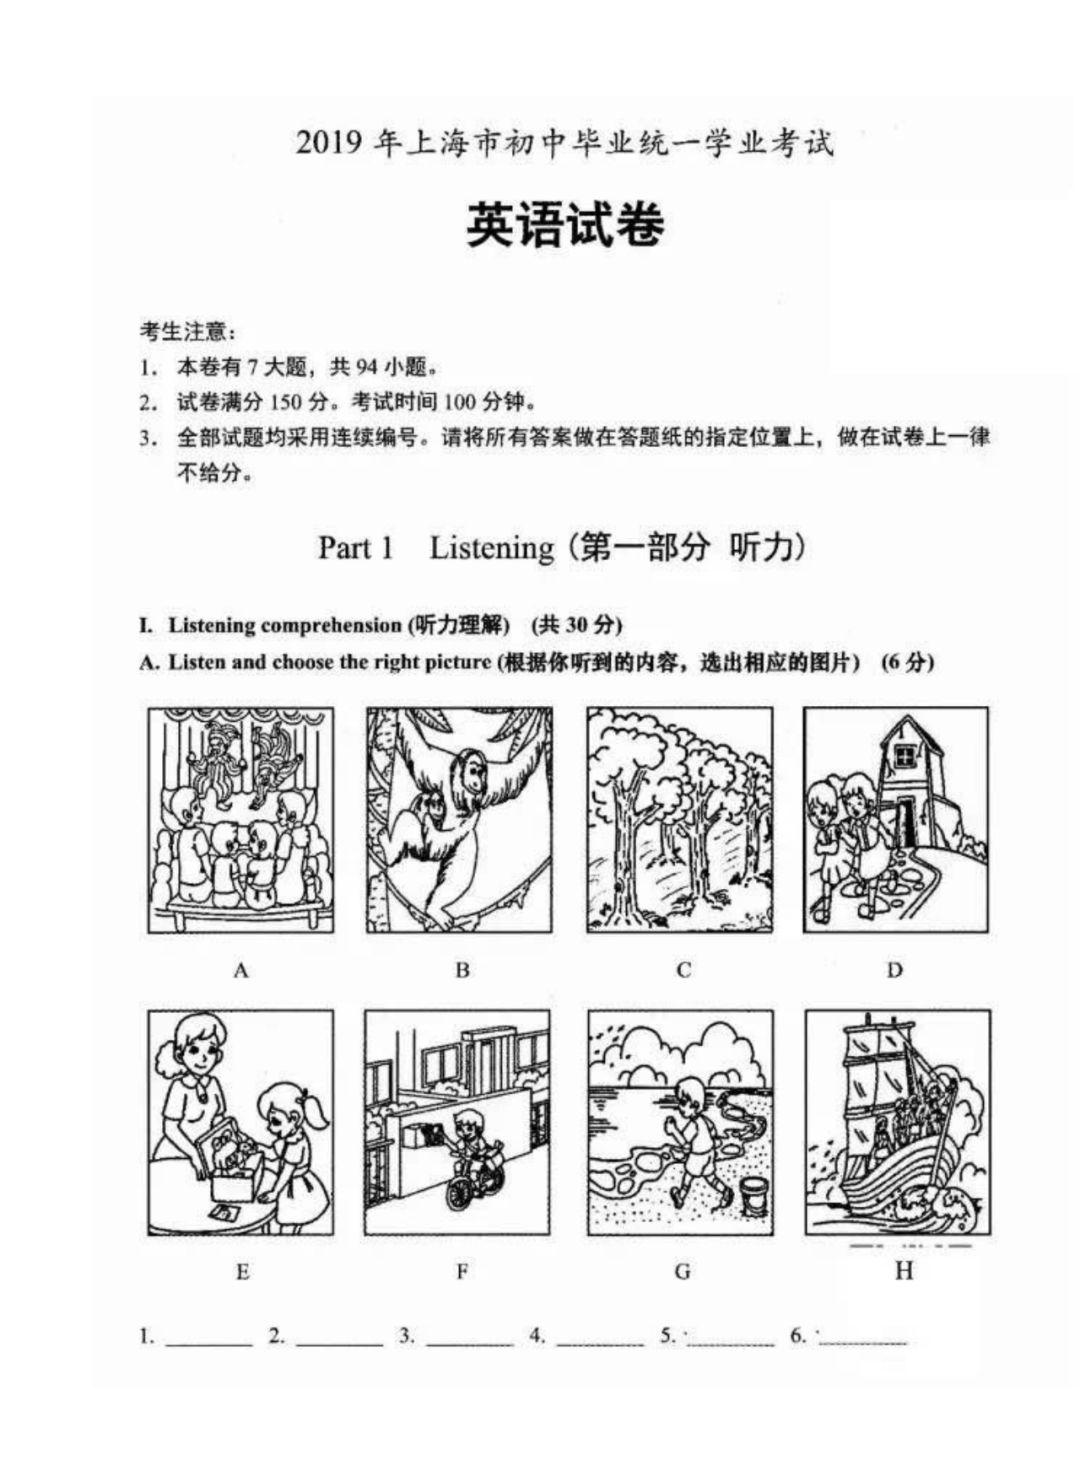 2019年上海中考《英语》真题及答案已公布